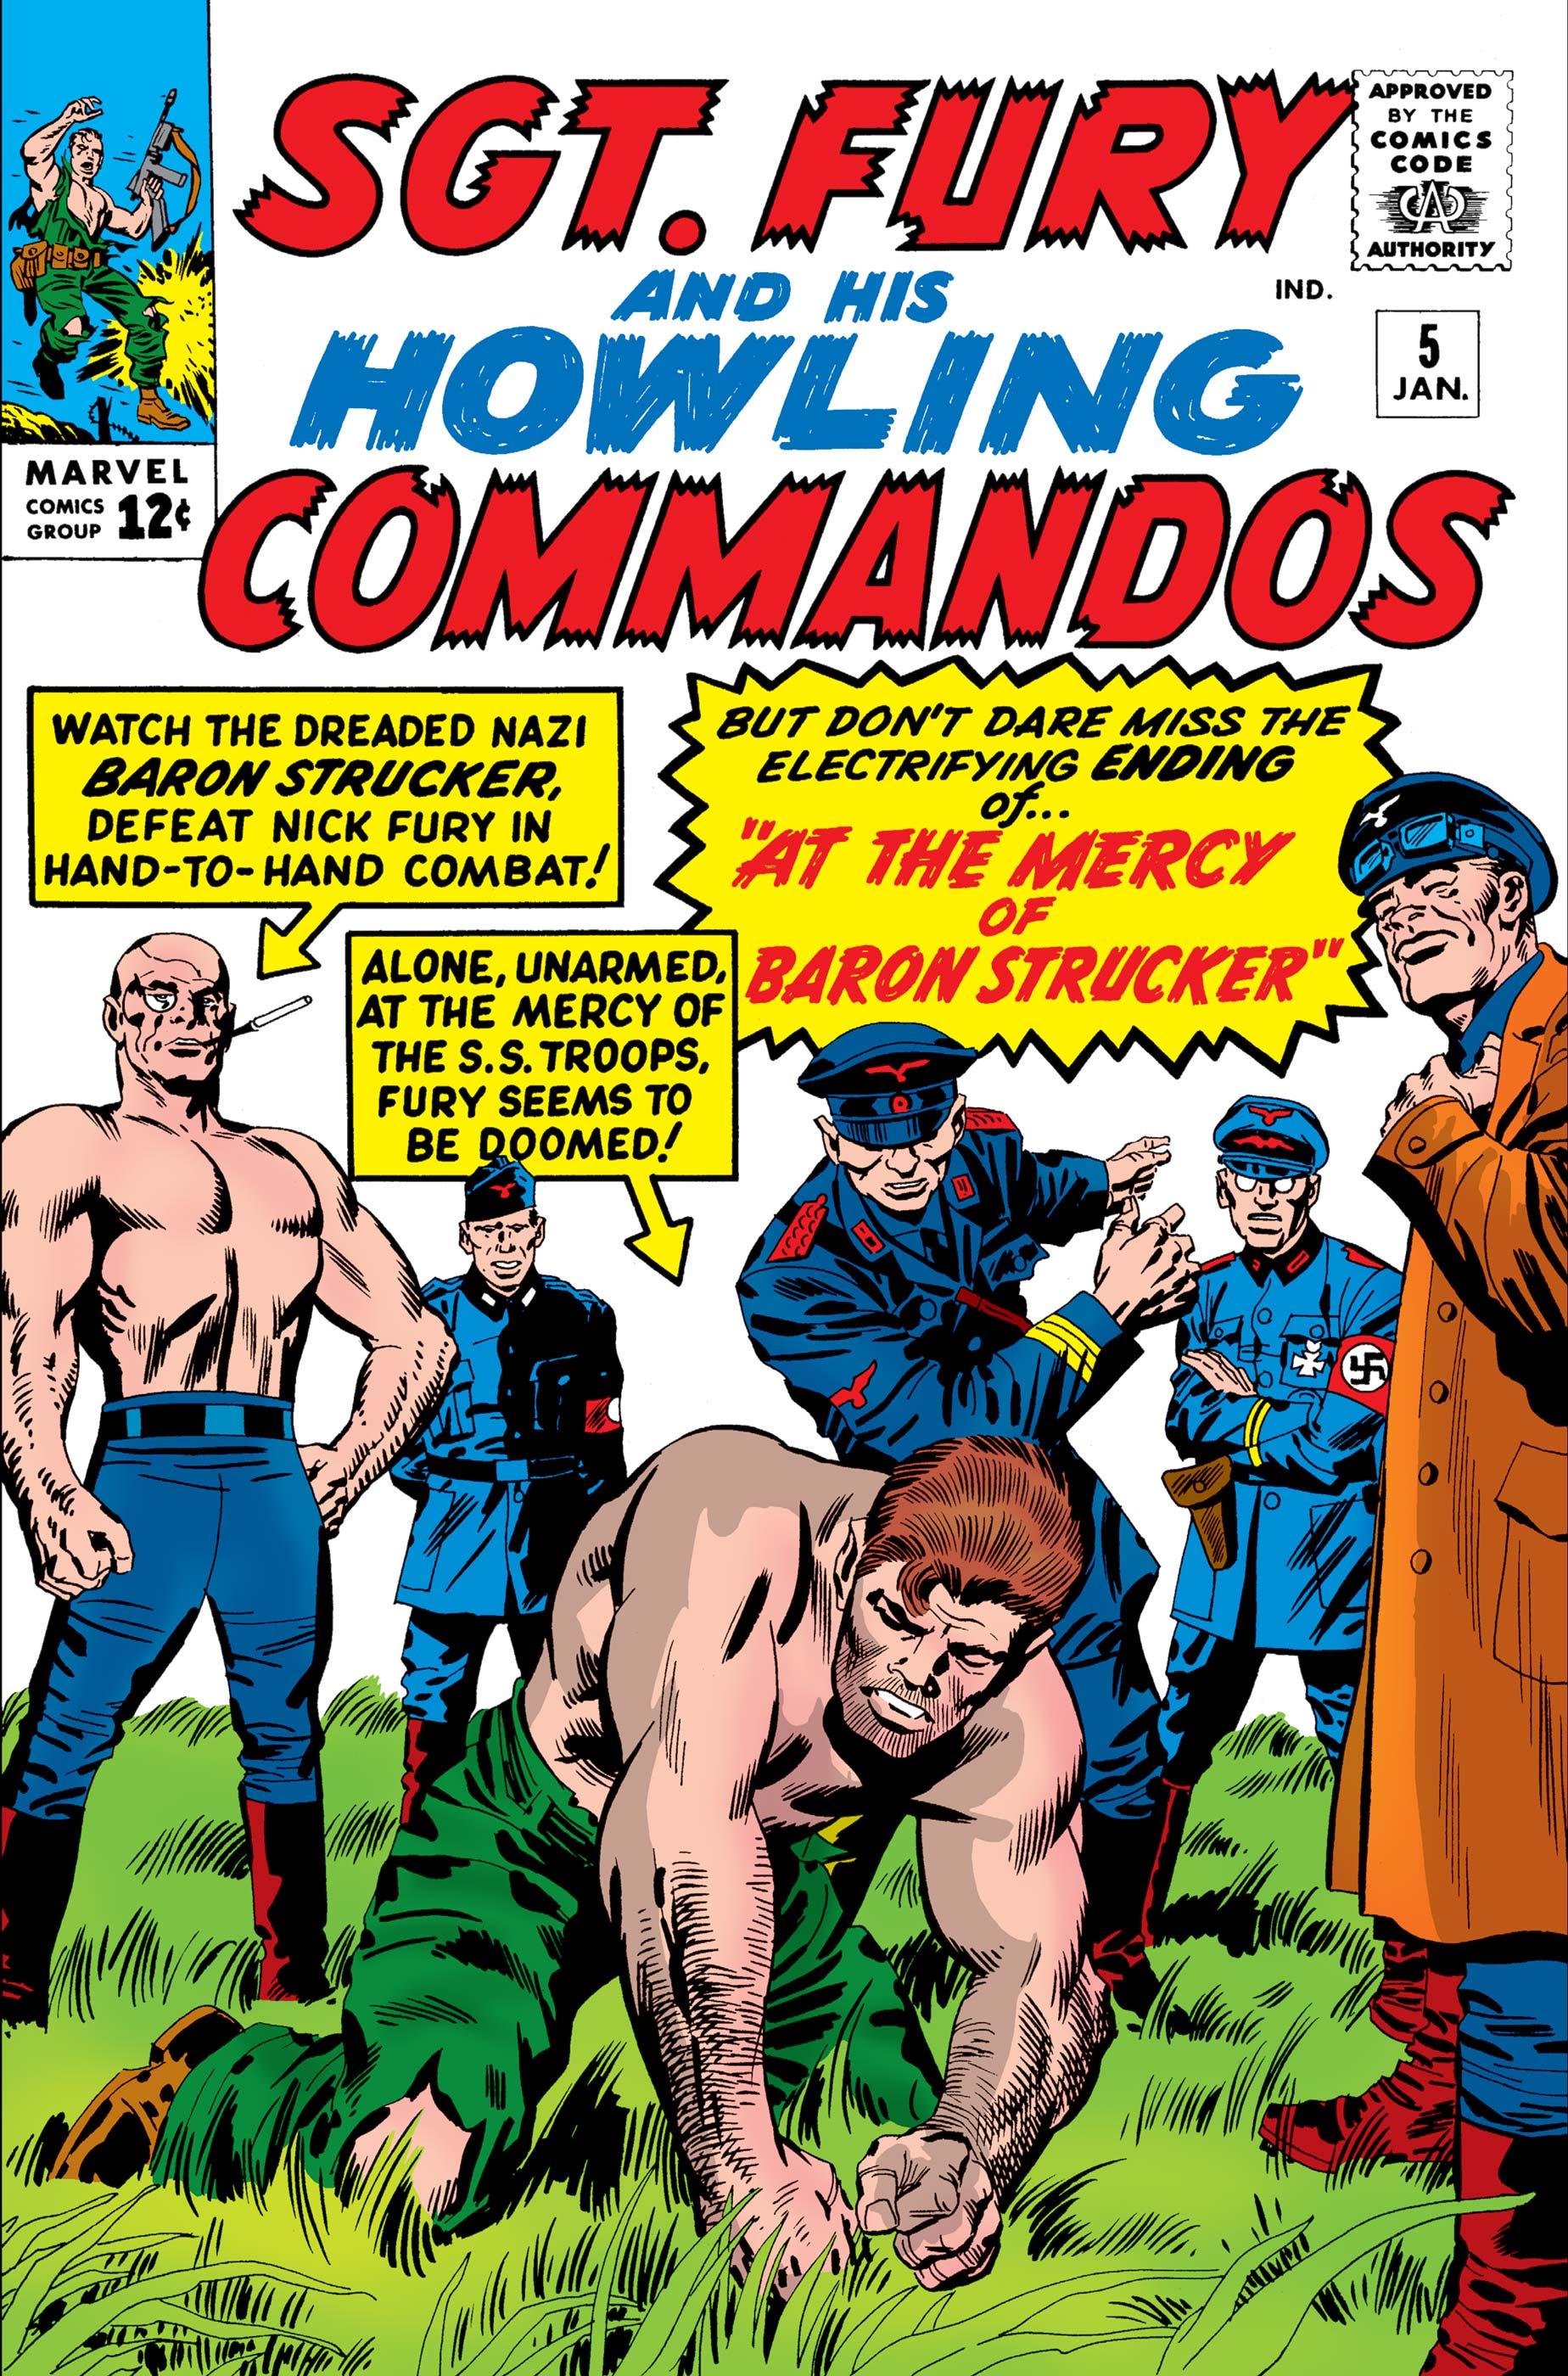 Sgt. Fury (1963) #5